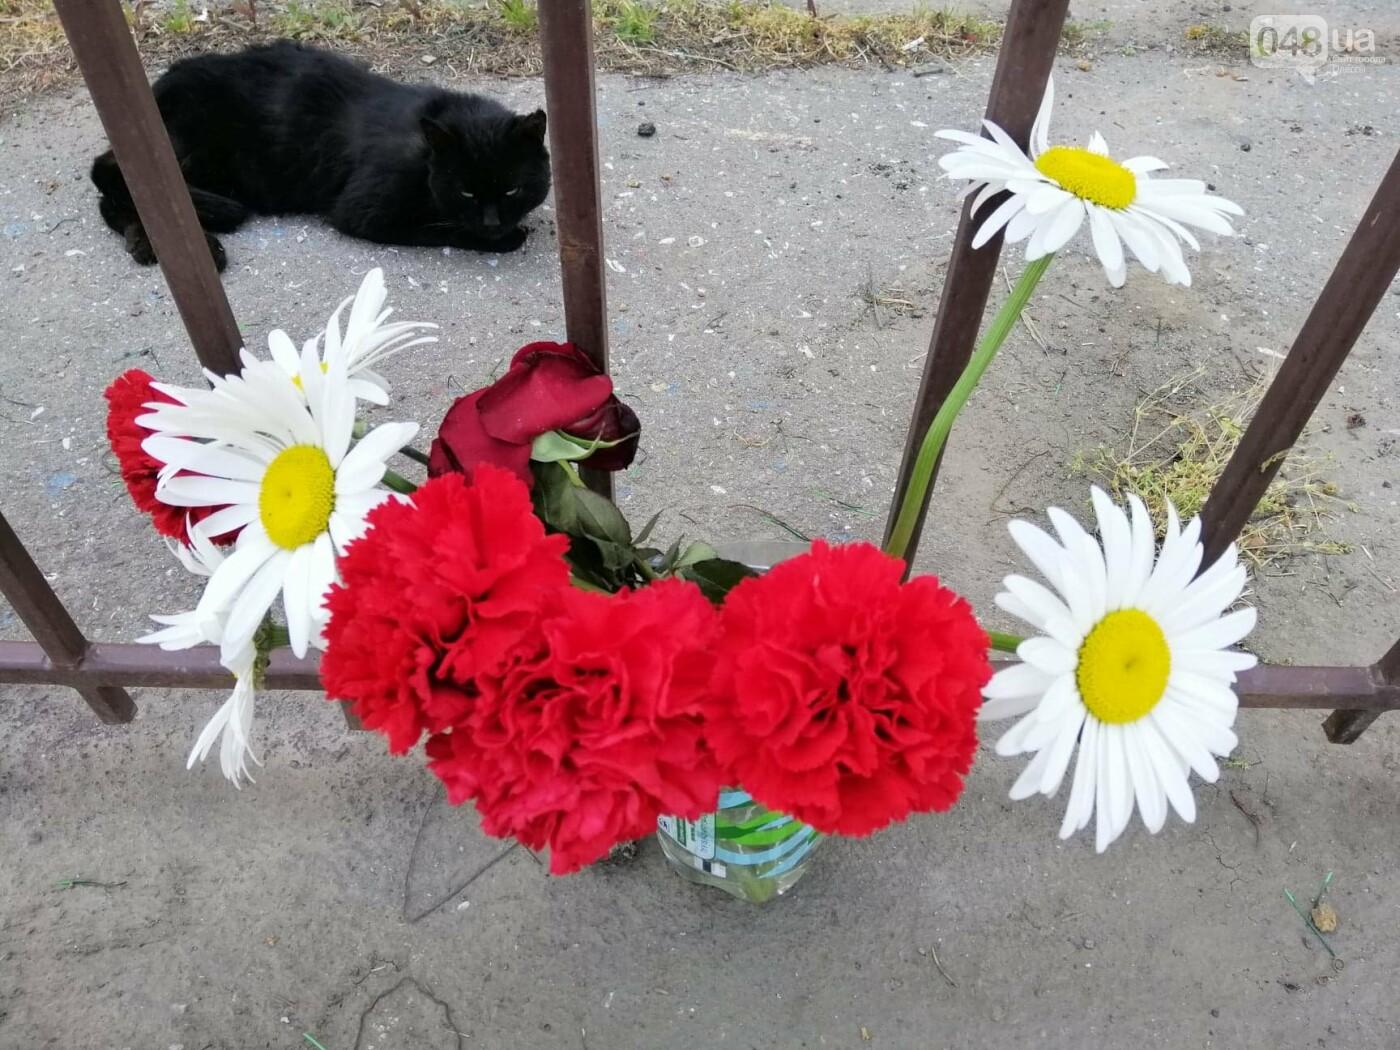 На Куликовом поле убрали цветы, которые одесситы принесли 2 мая,- ФОТО, фото-5